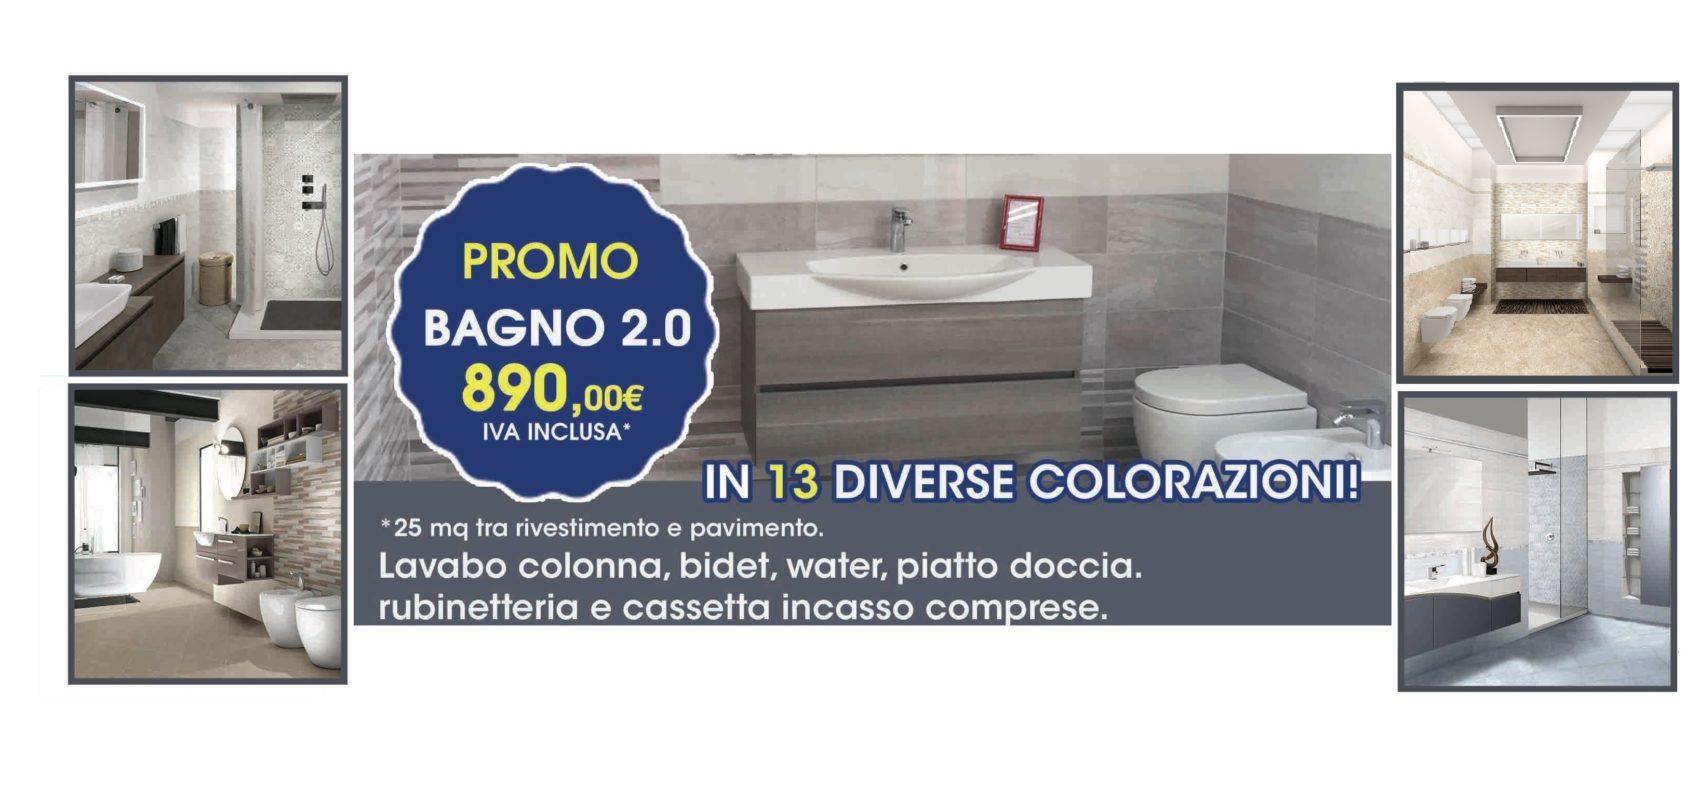 mobile bagno completo di specchiera in offerta. offerte bagno ...